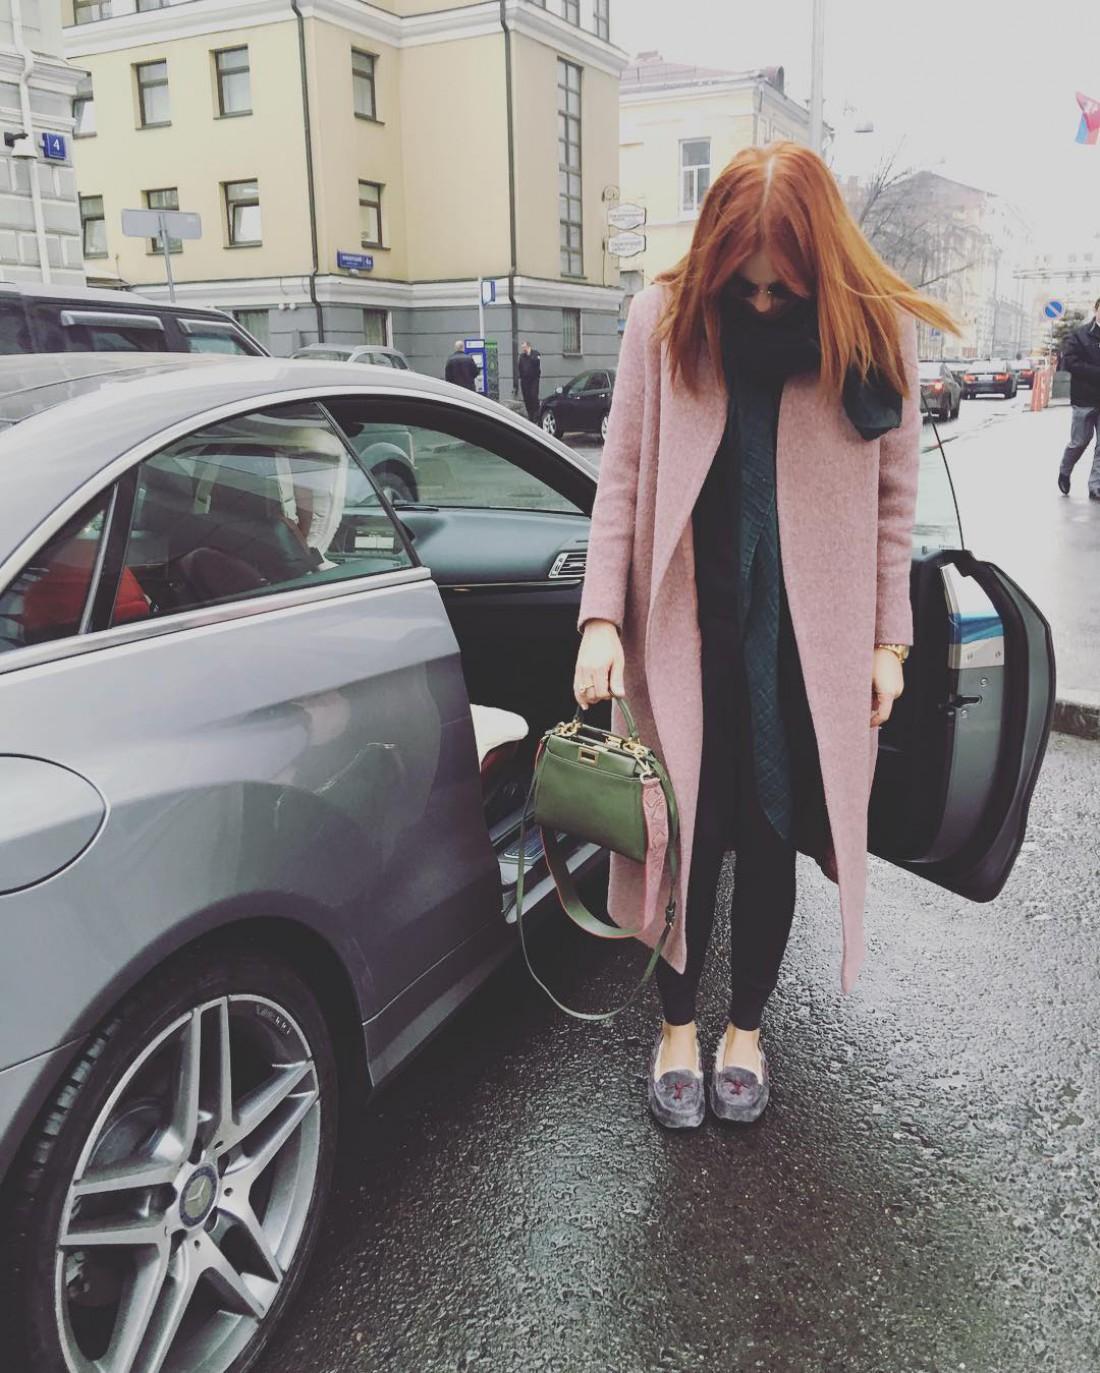 Стоцкая возле своего автомобиля